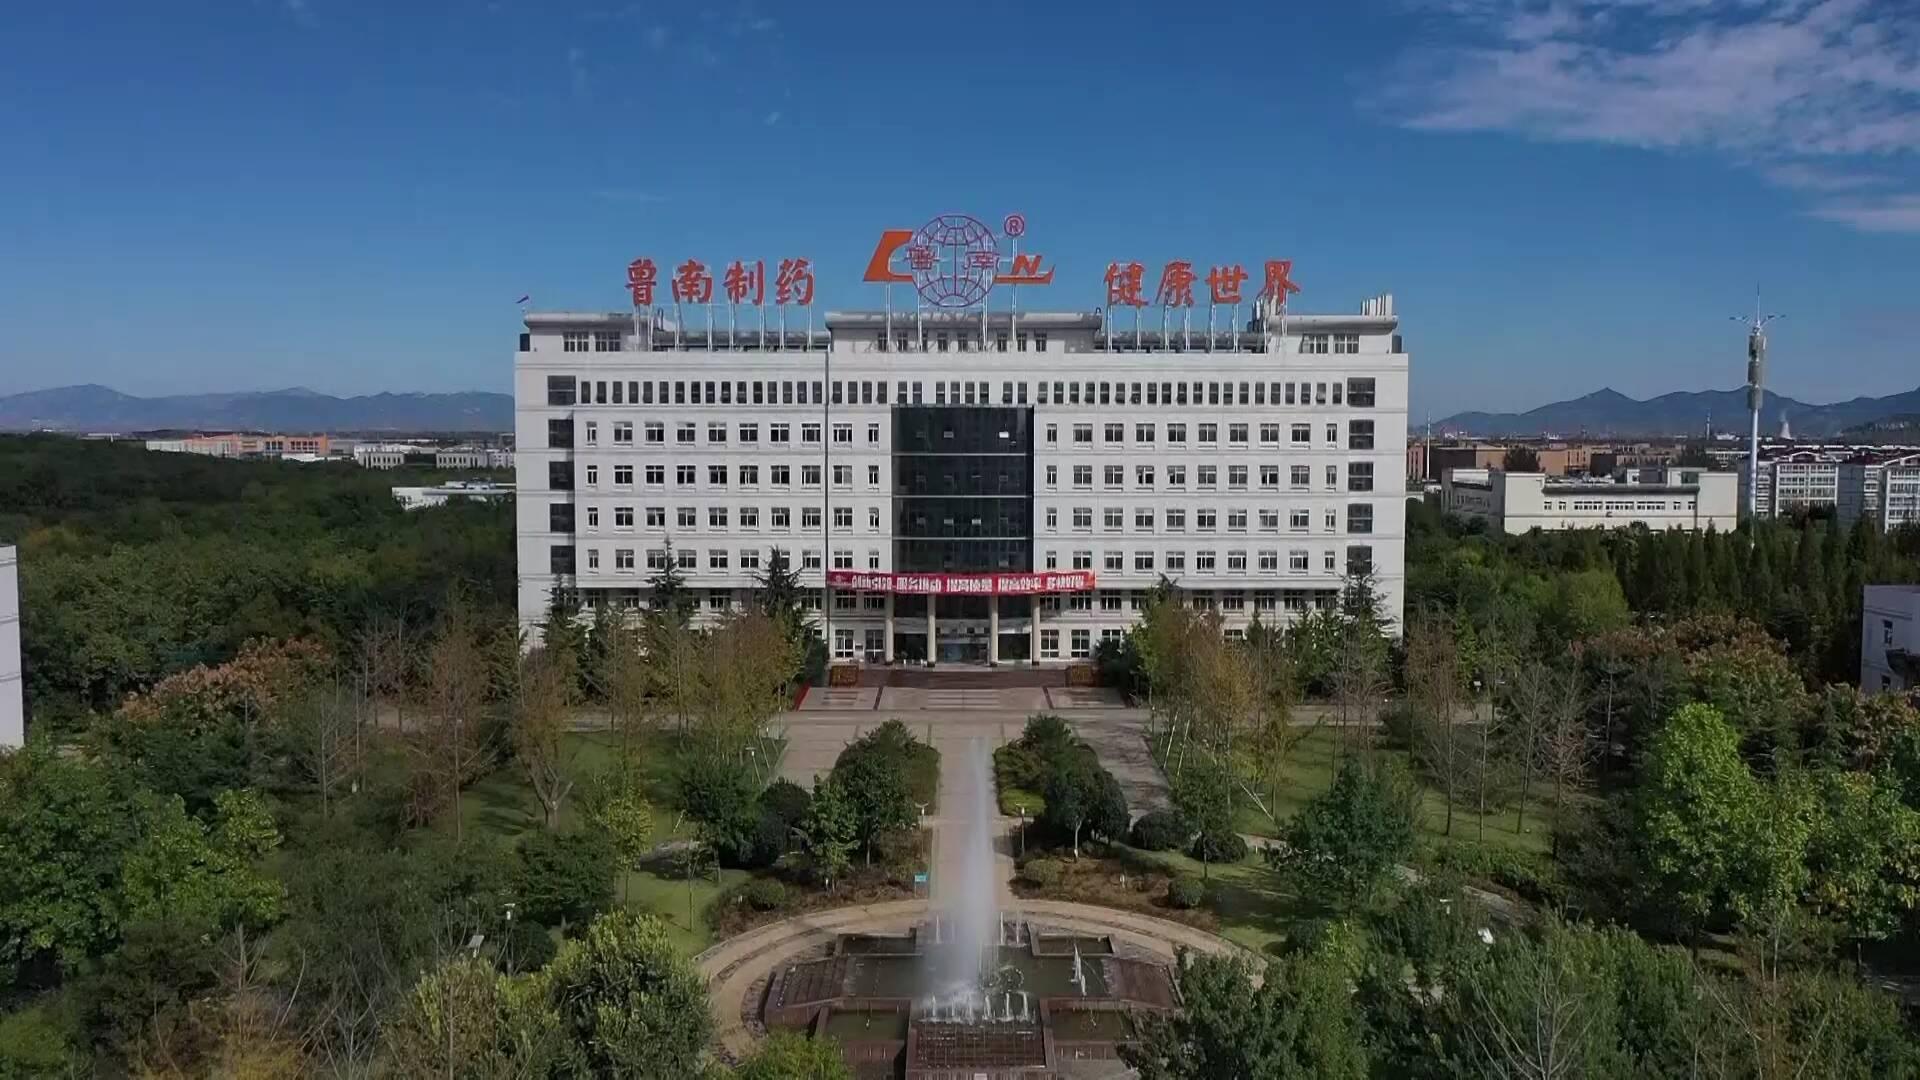 """7年建設30個重(zhong)點項目 魯南制(zhi)藥(yao)""""千億(yi)目標(biao)""""動力足"""